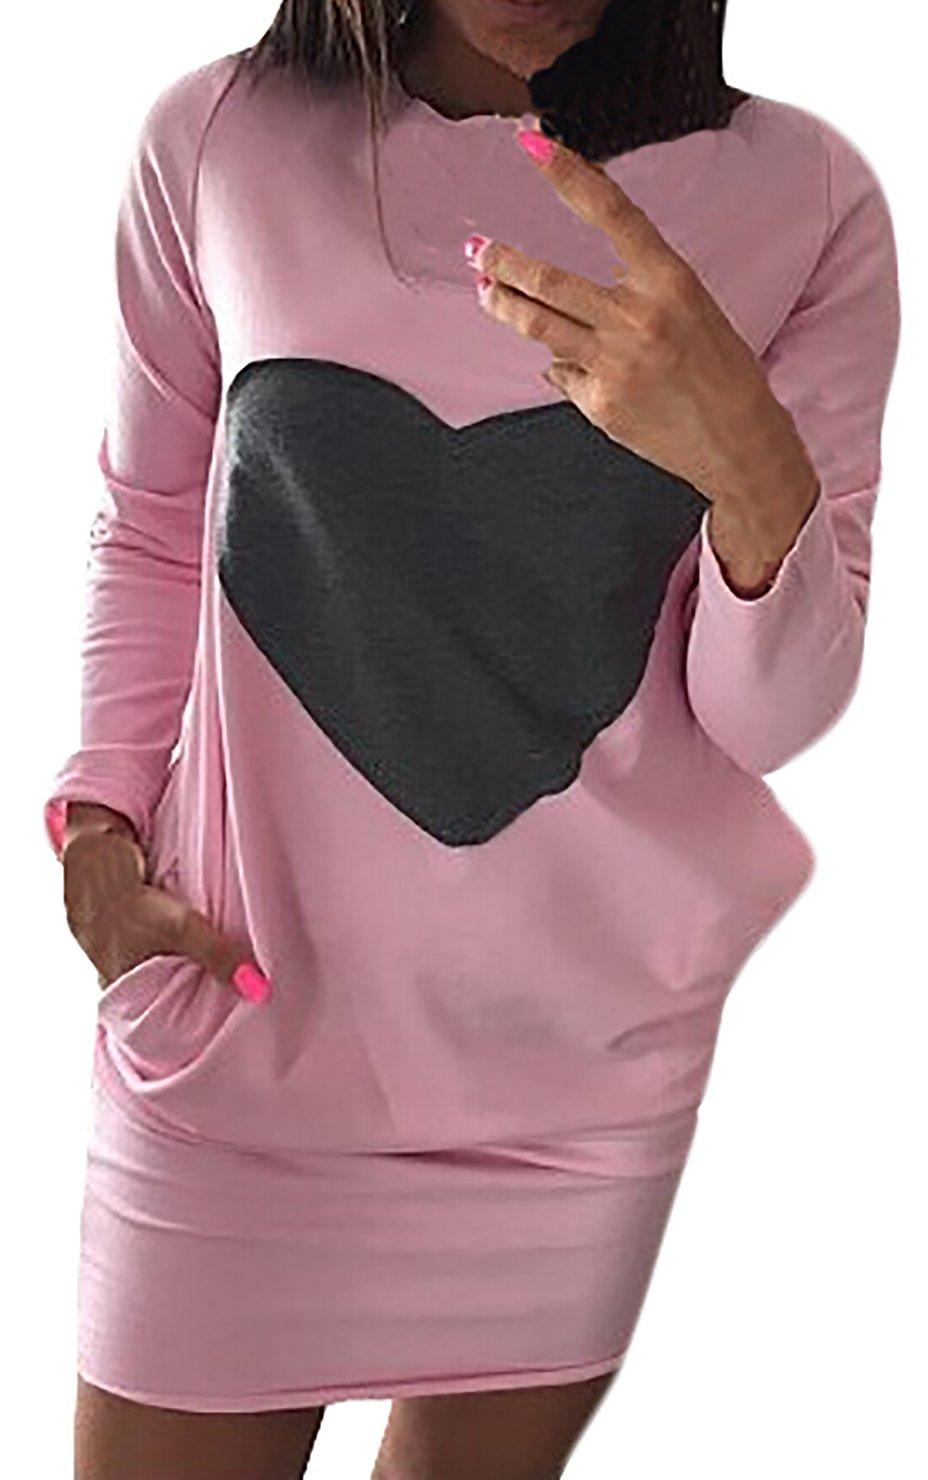 Kleider Damen Wickelkleider Kurz Damen Young Fashion Langarm Schnittmuster  Vintage Elegant Freizeitkleid Blusenkleider: Amazon.de: Bekleidung